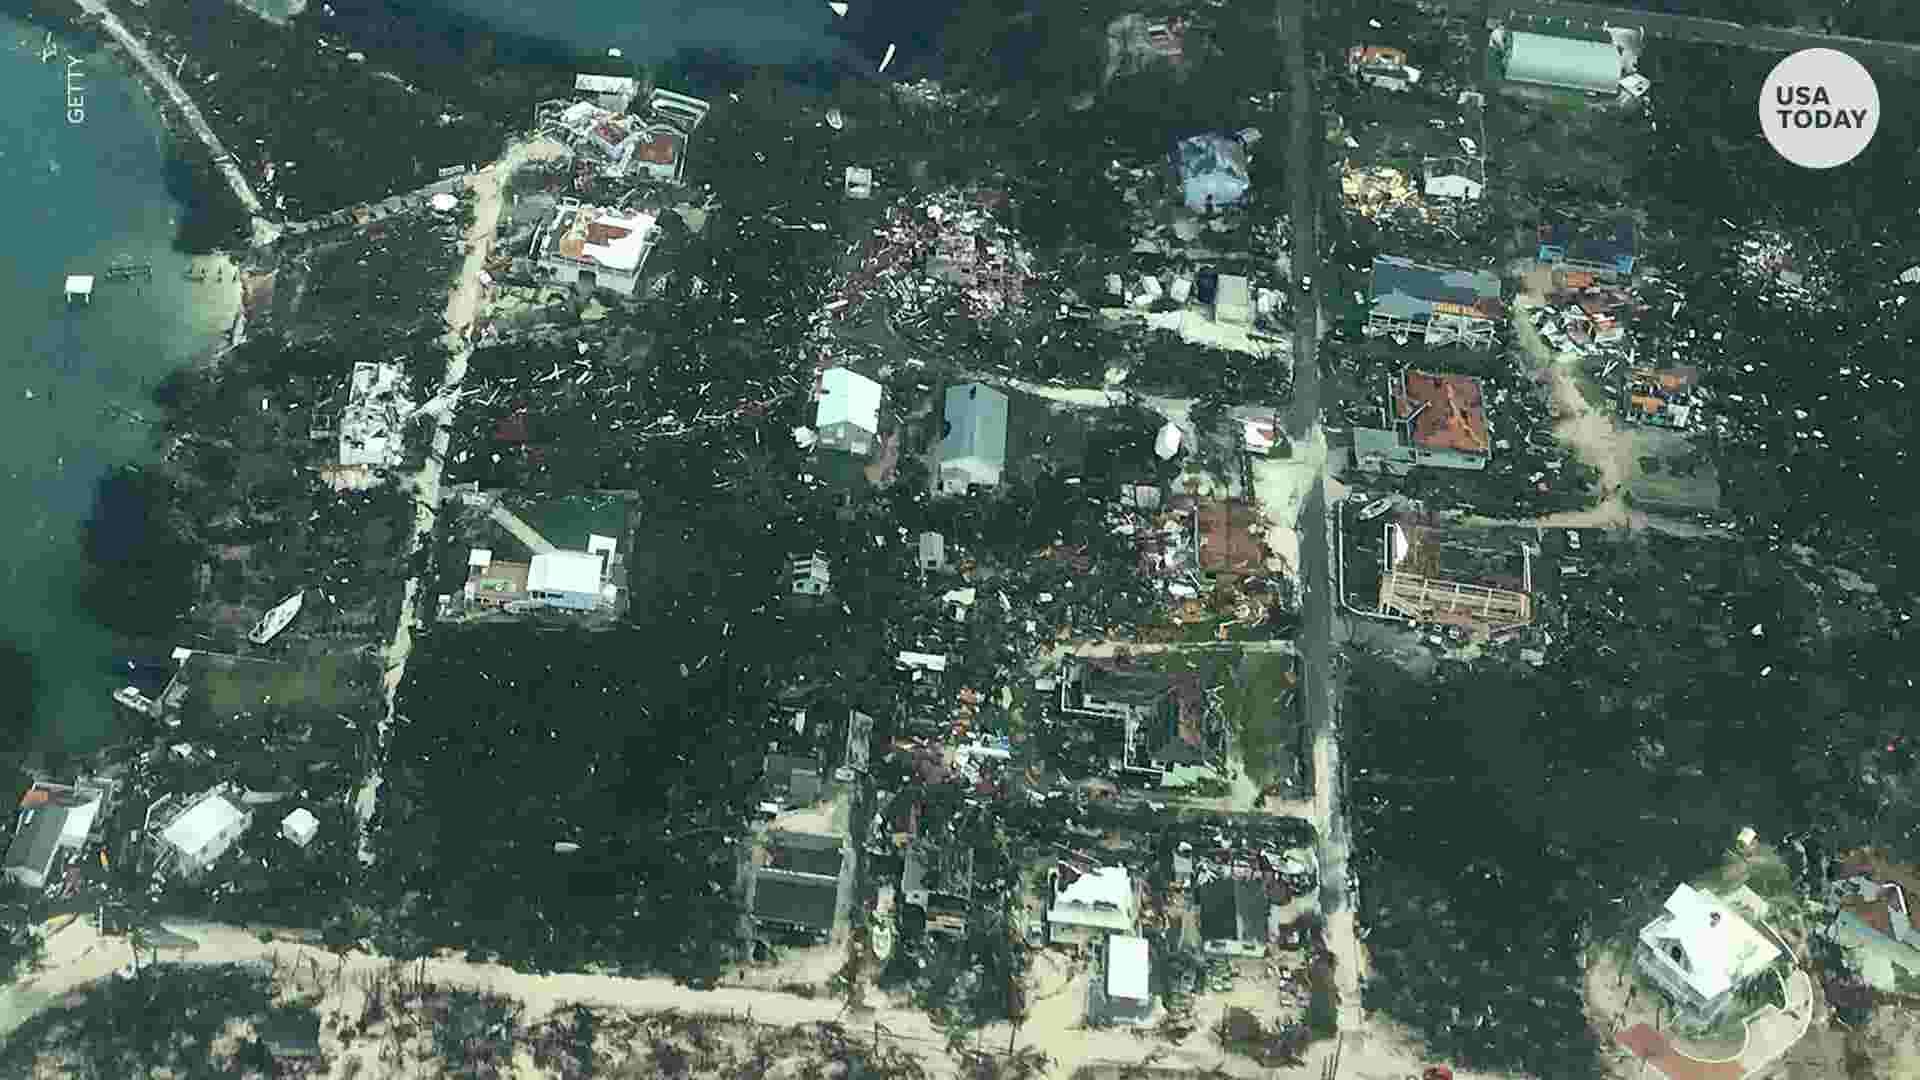 Hurricane Dorian: Locals plan aid efforts in devastated Bahamas